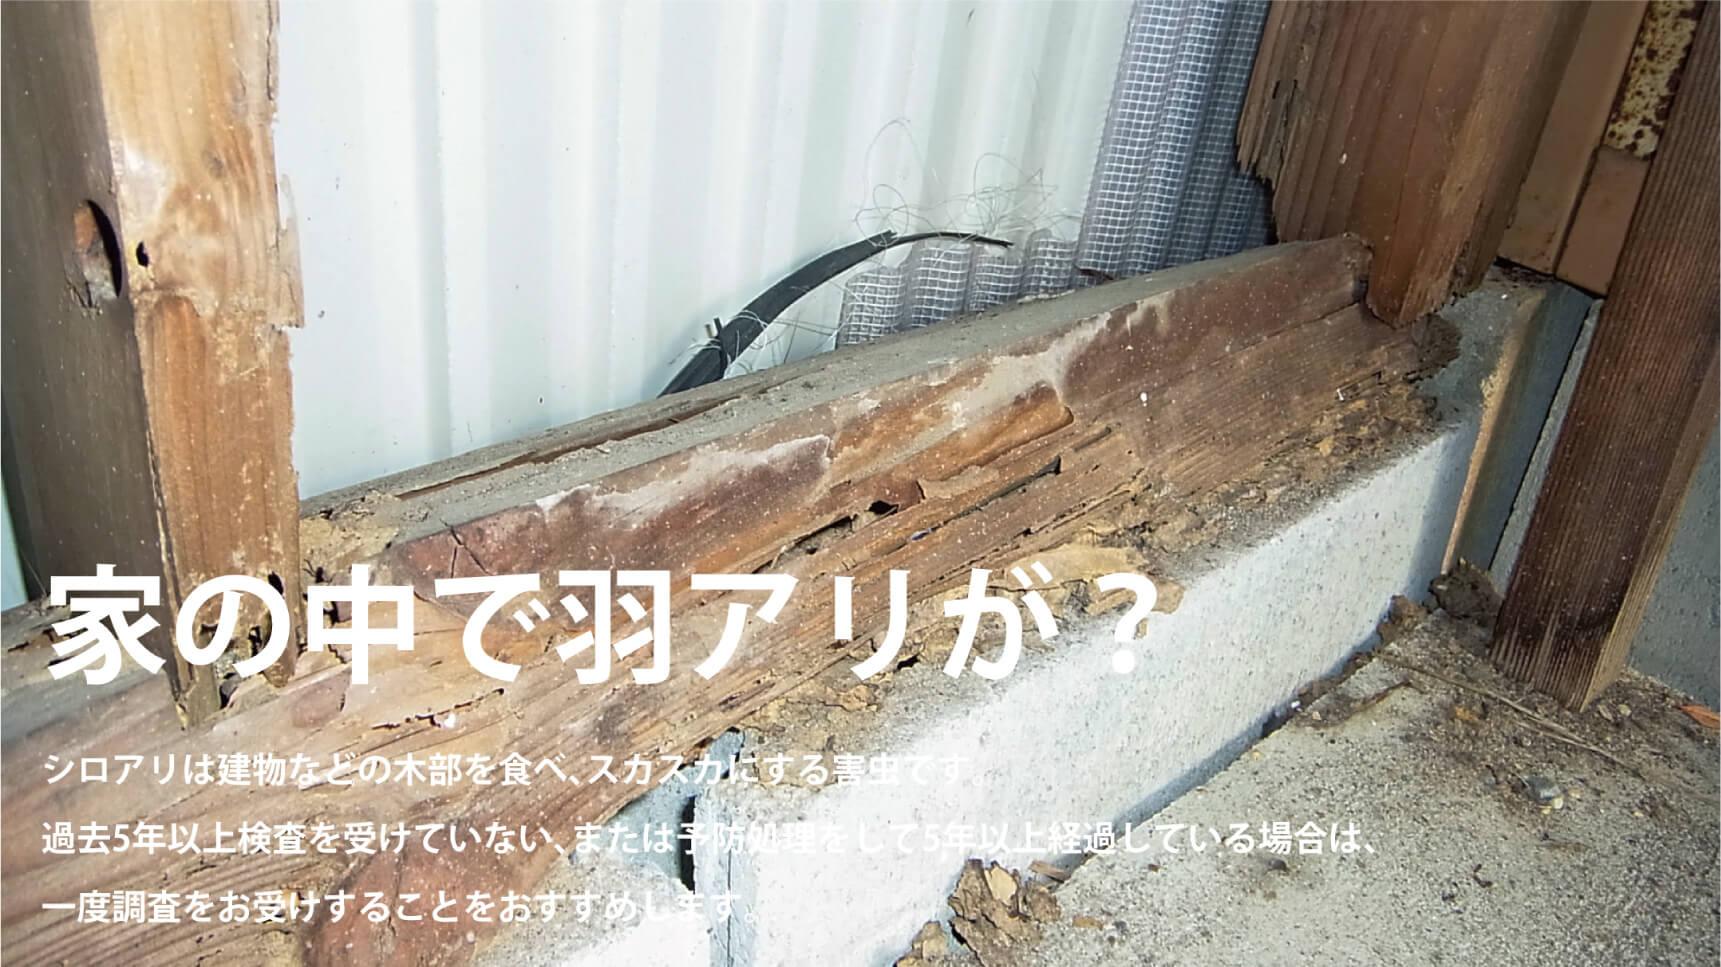 家の中で羽アリが? シロアリは建物などの木部を食べ、スカスカにする害虫です。過去5年以上の検査を受けていない、または予防処理をして5年以上経過している場合は、一度調査をお受けすることをおすすめします。